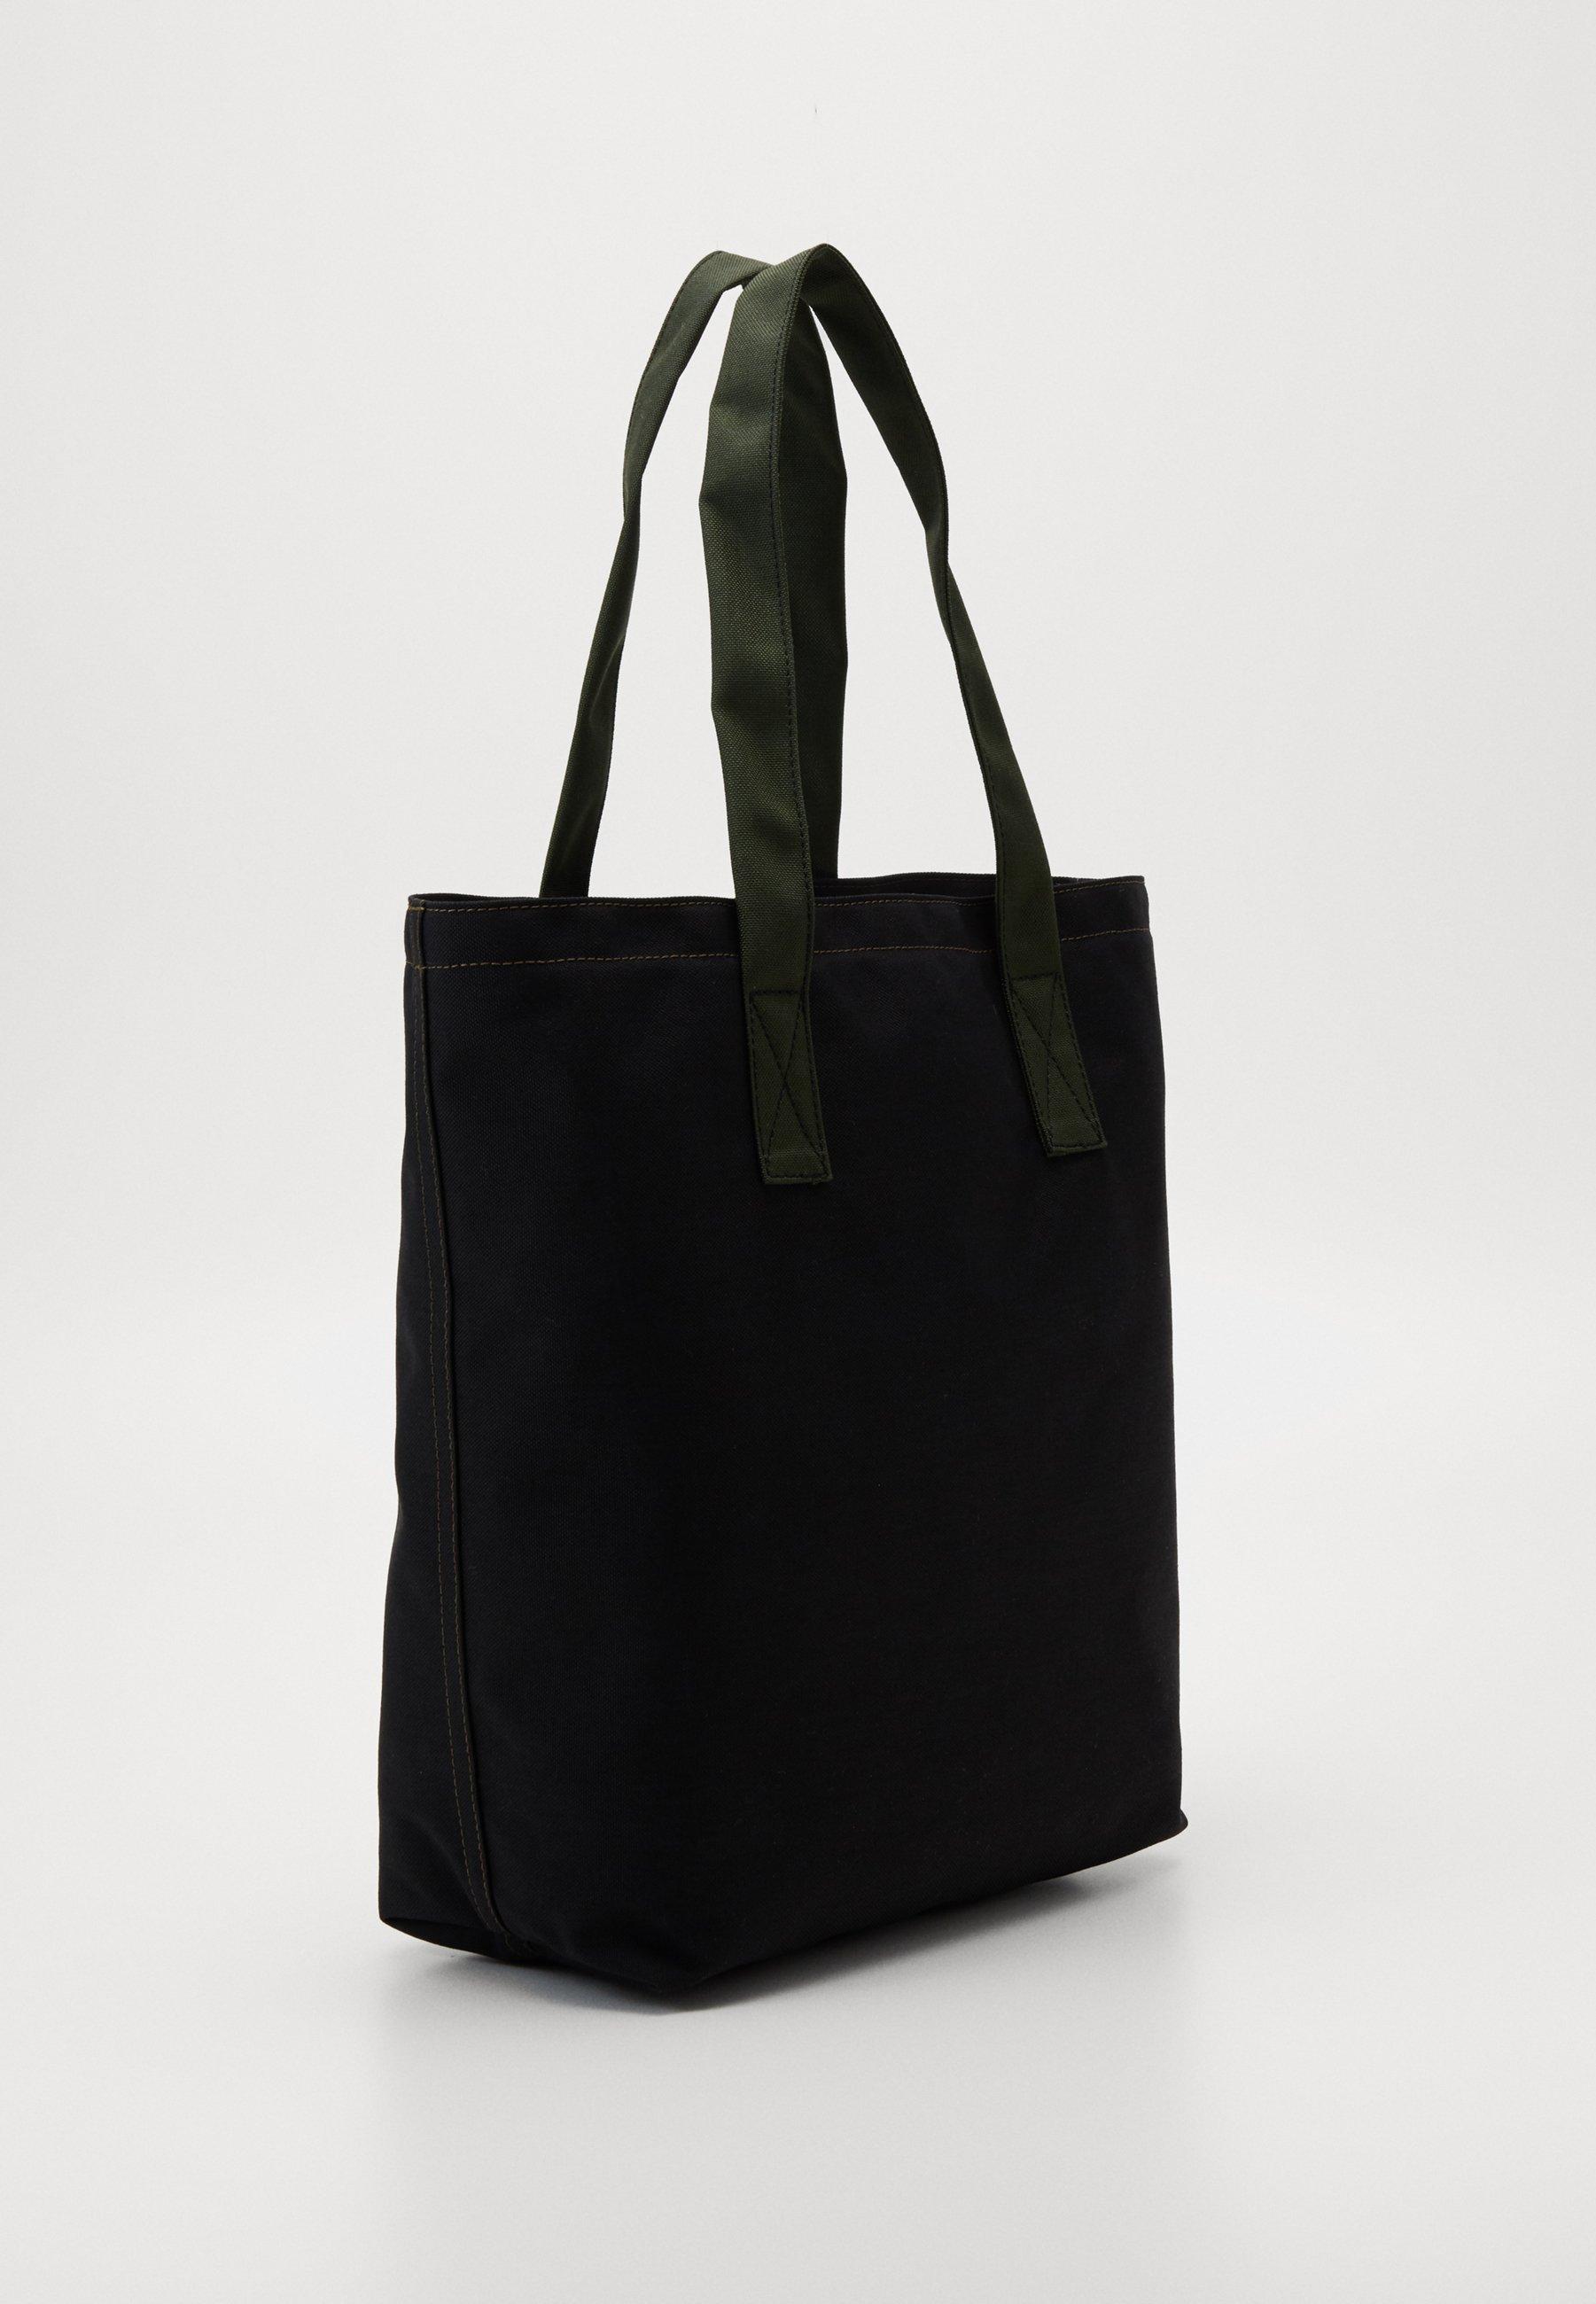 Marni Handtasche - Black/thyme/schwarz